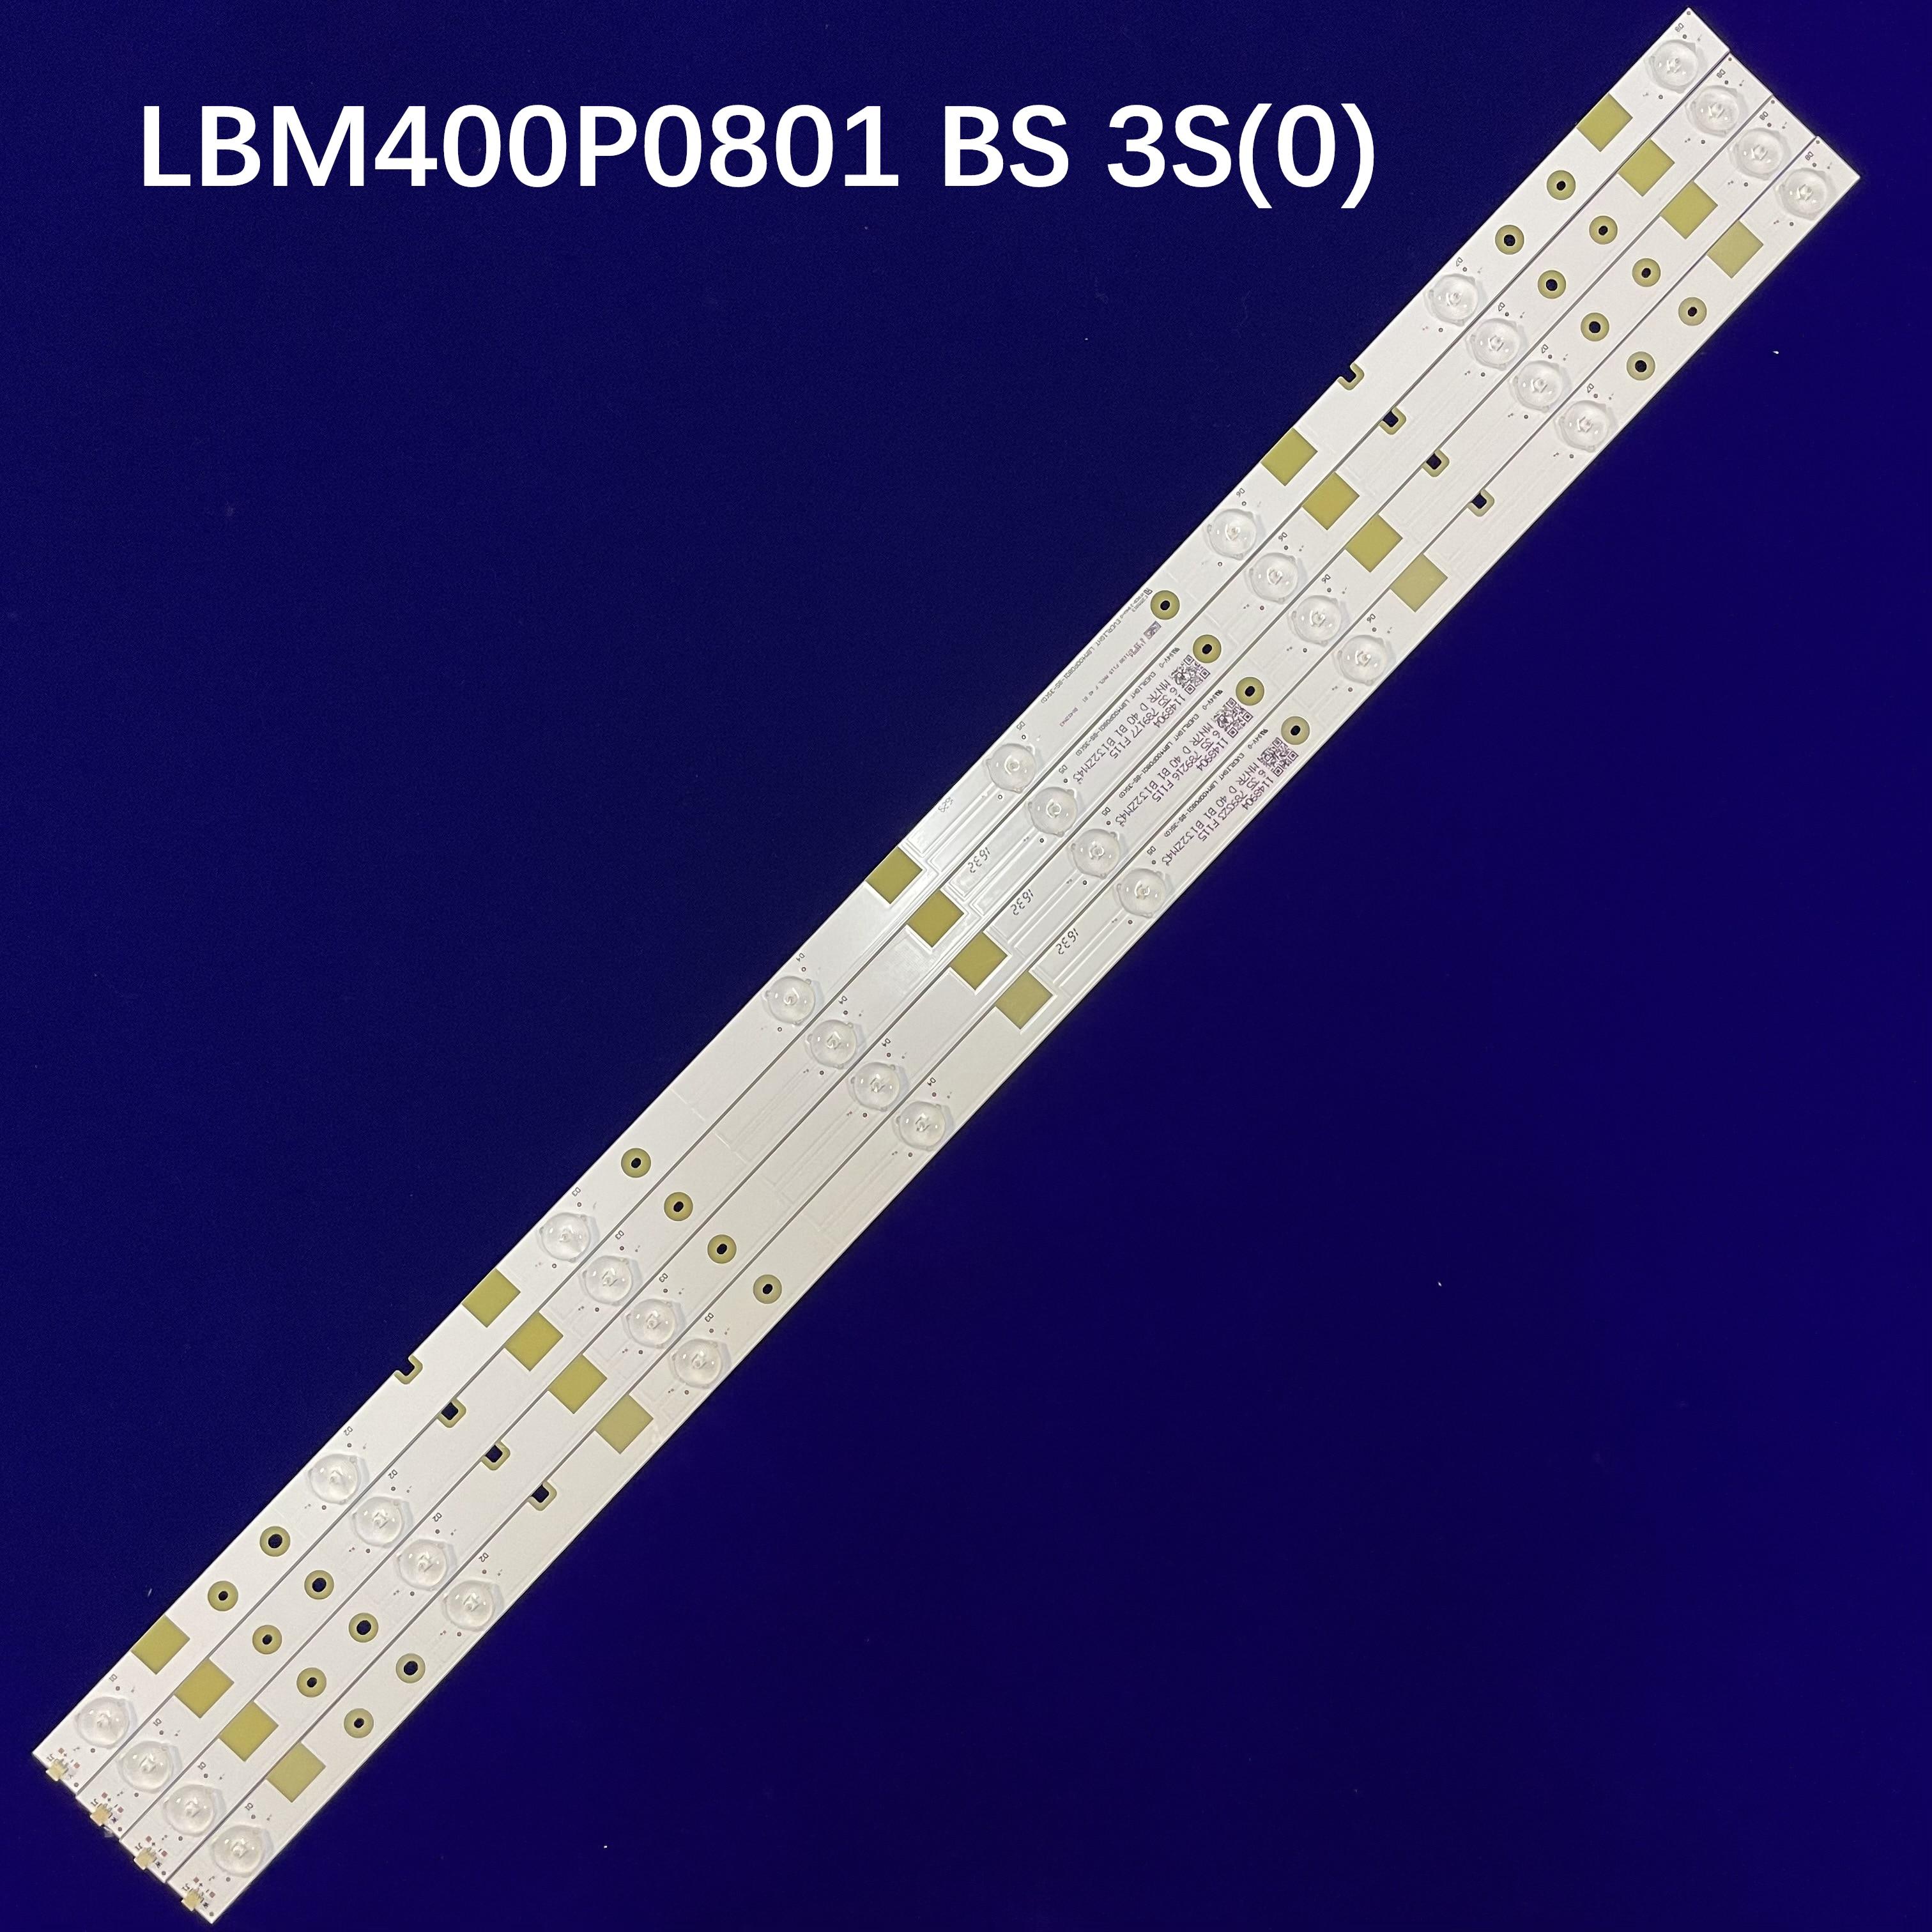 LED شريط إضاءة خلفي 8 المصابيح ل هايسنس 40 ''التلفزيون LBM400P0801-BS-3S(0) LED40K160JD LED40K300U LED40K5100U LED40EC520UA HD400DU-B31